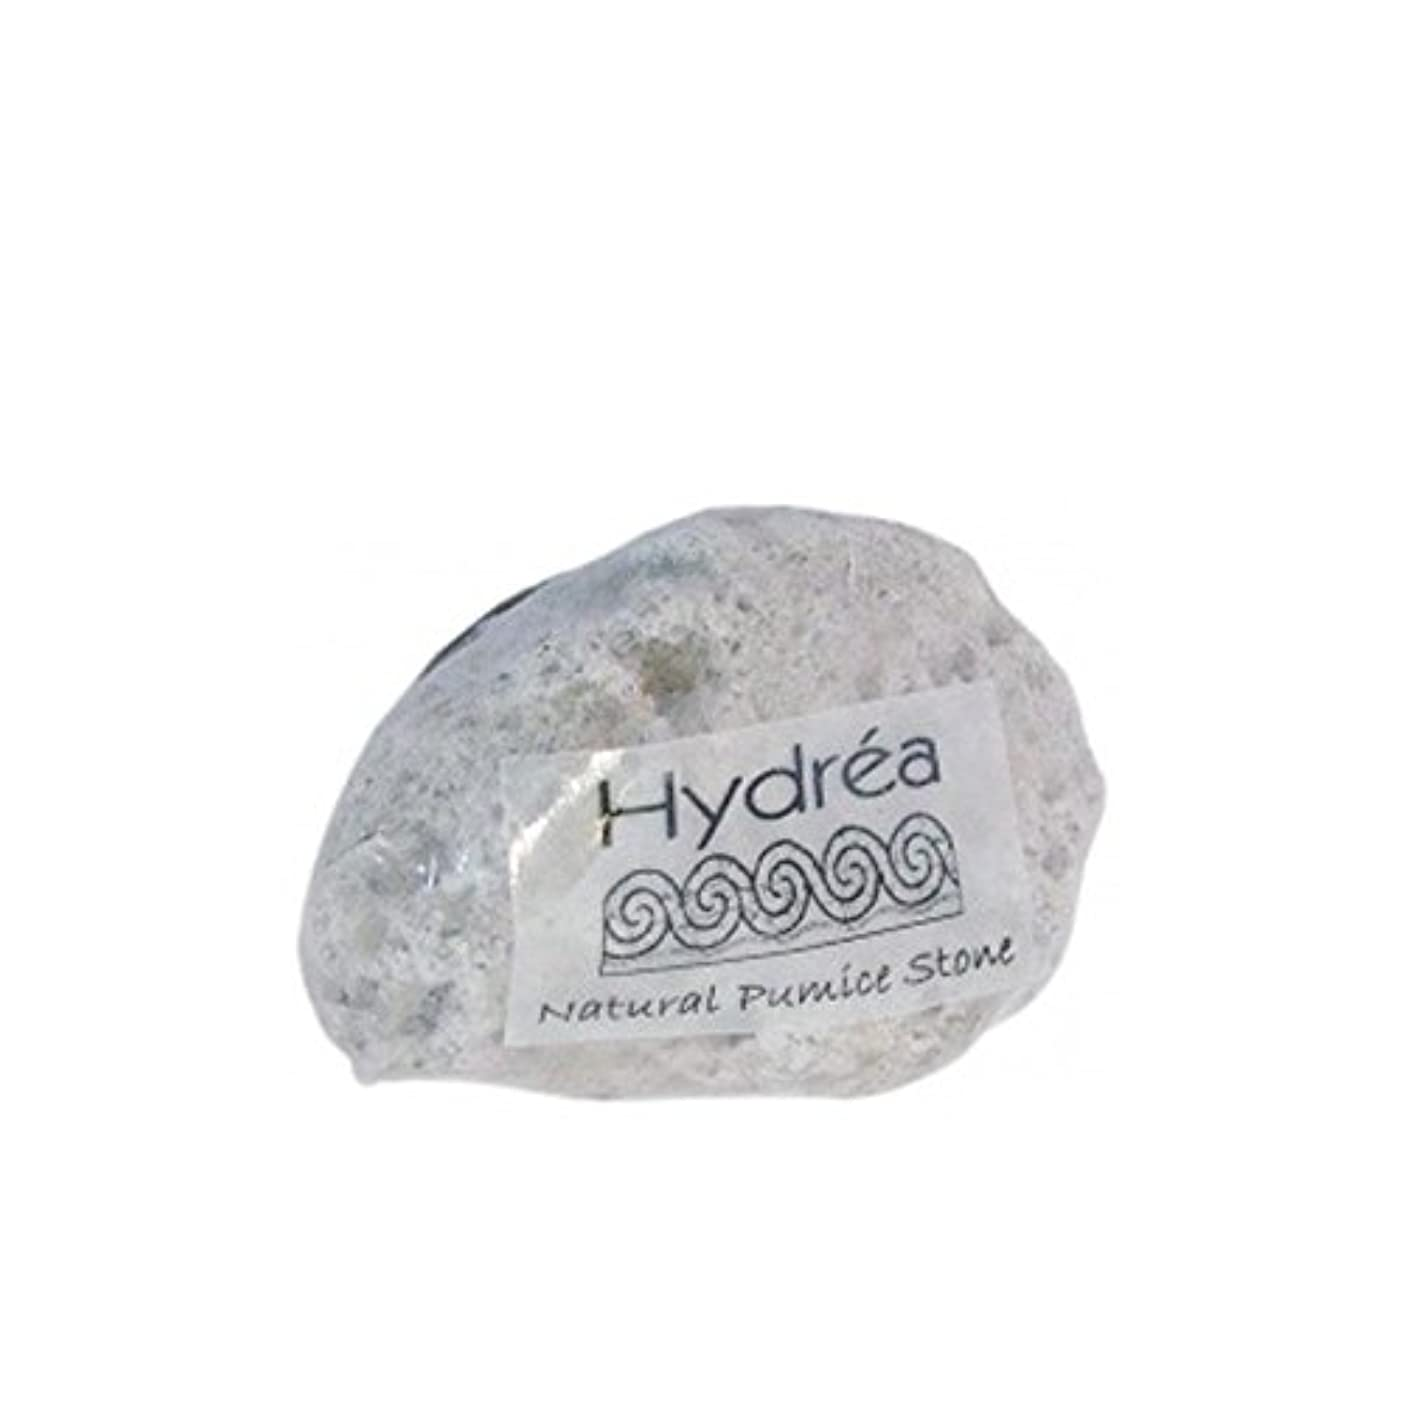 閉塞欺息切れHydrea London - Natural Pumice Stone - ハイドレアロンドン - 自然軽石 [並行輸入品]